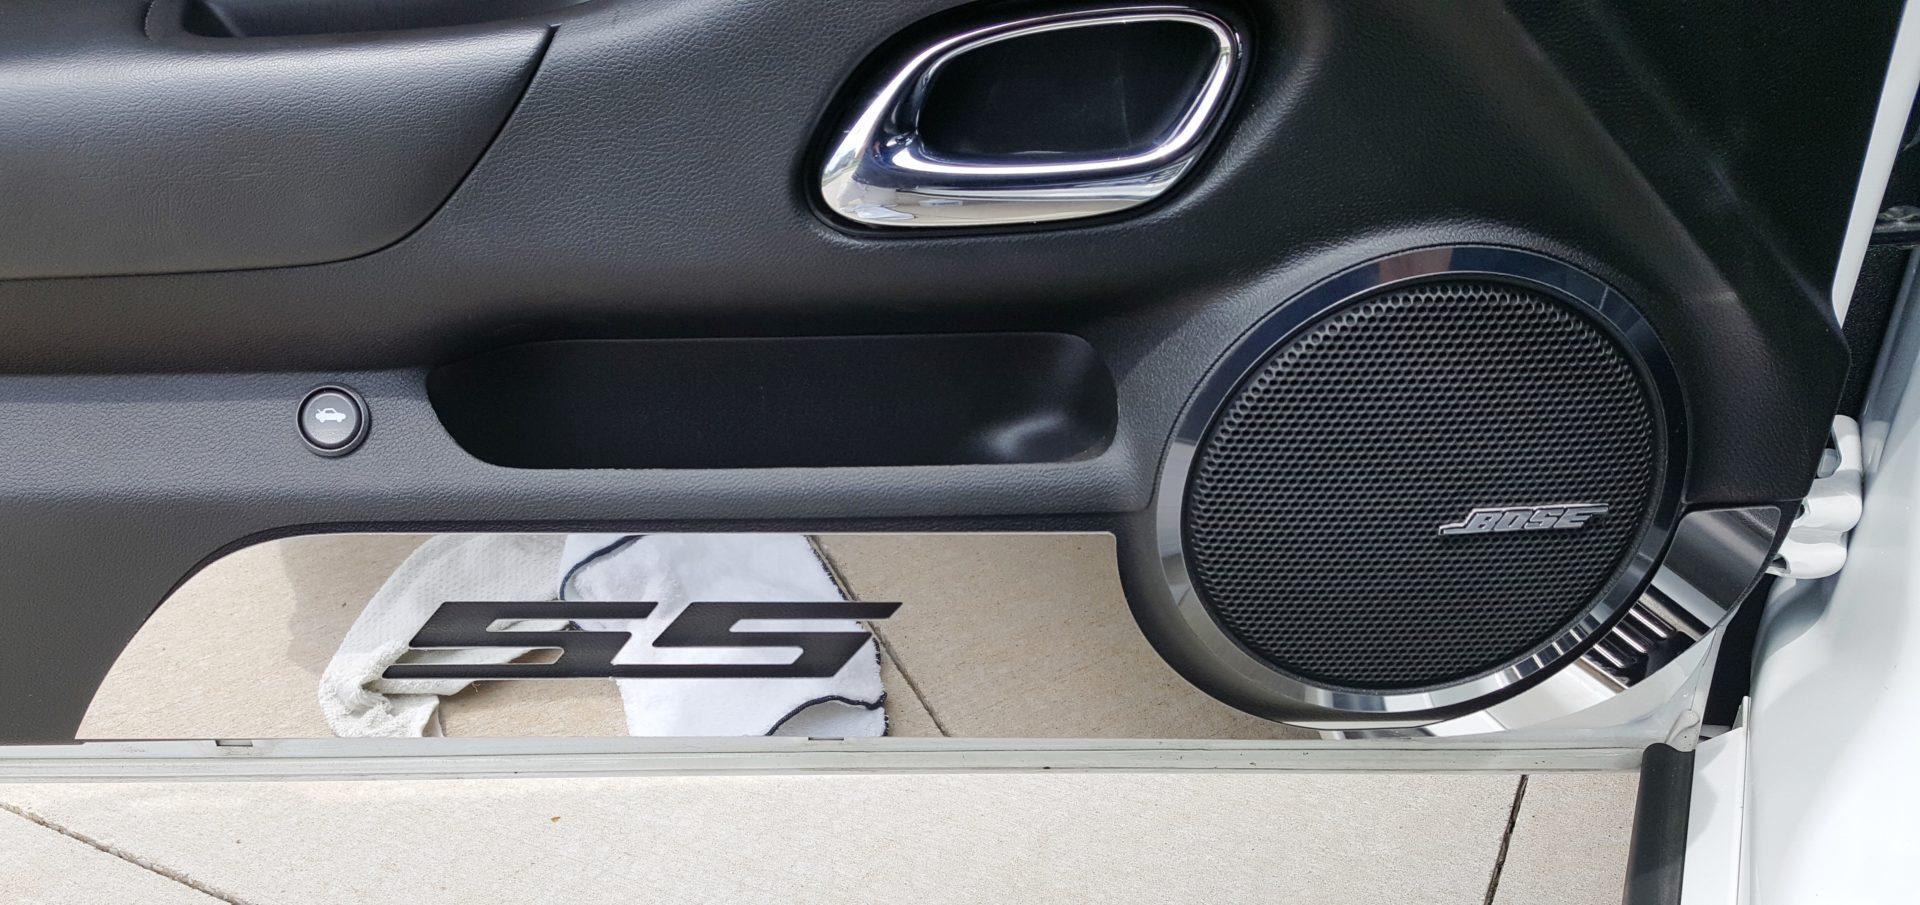 2010 2015 5th Gen Camaro V6 V8 Interior Door Kick Panels